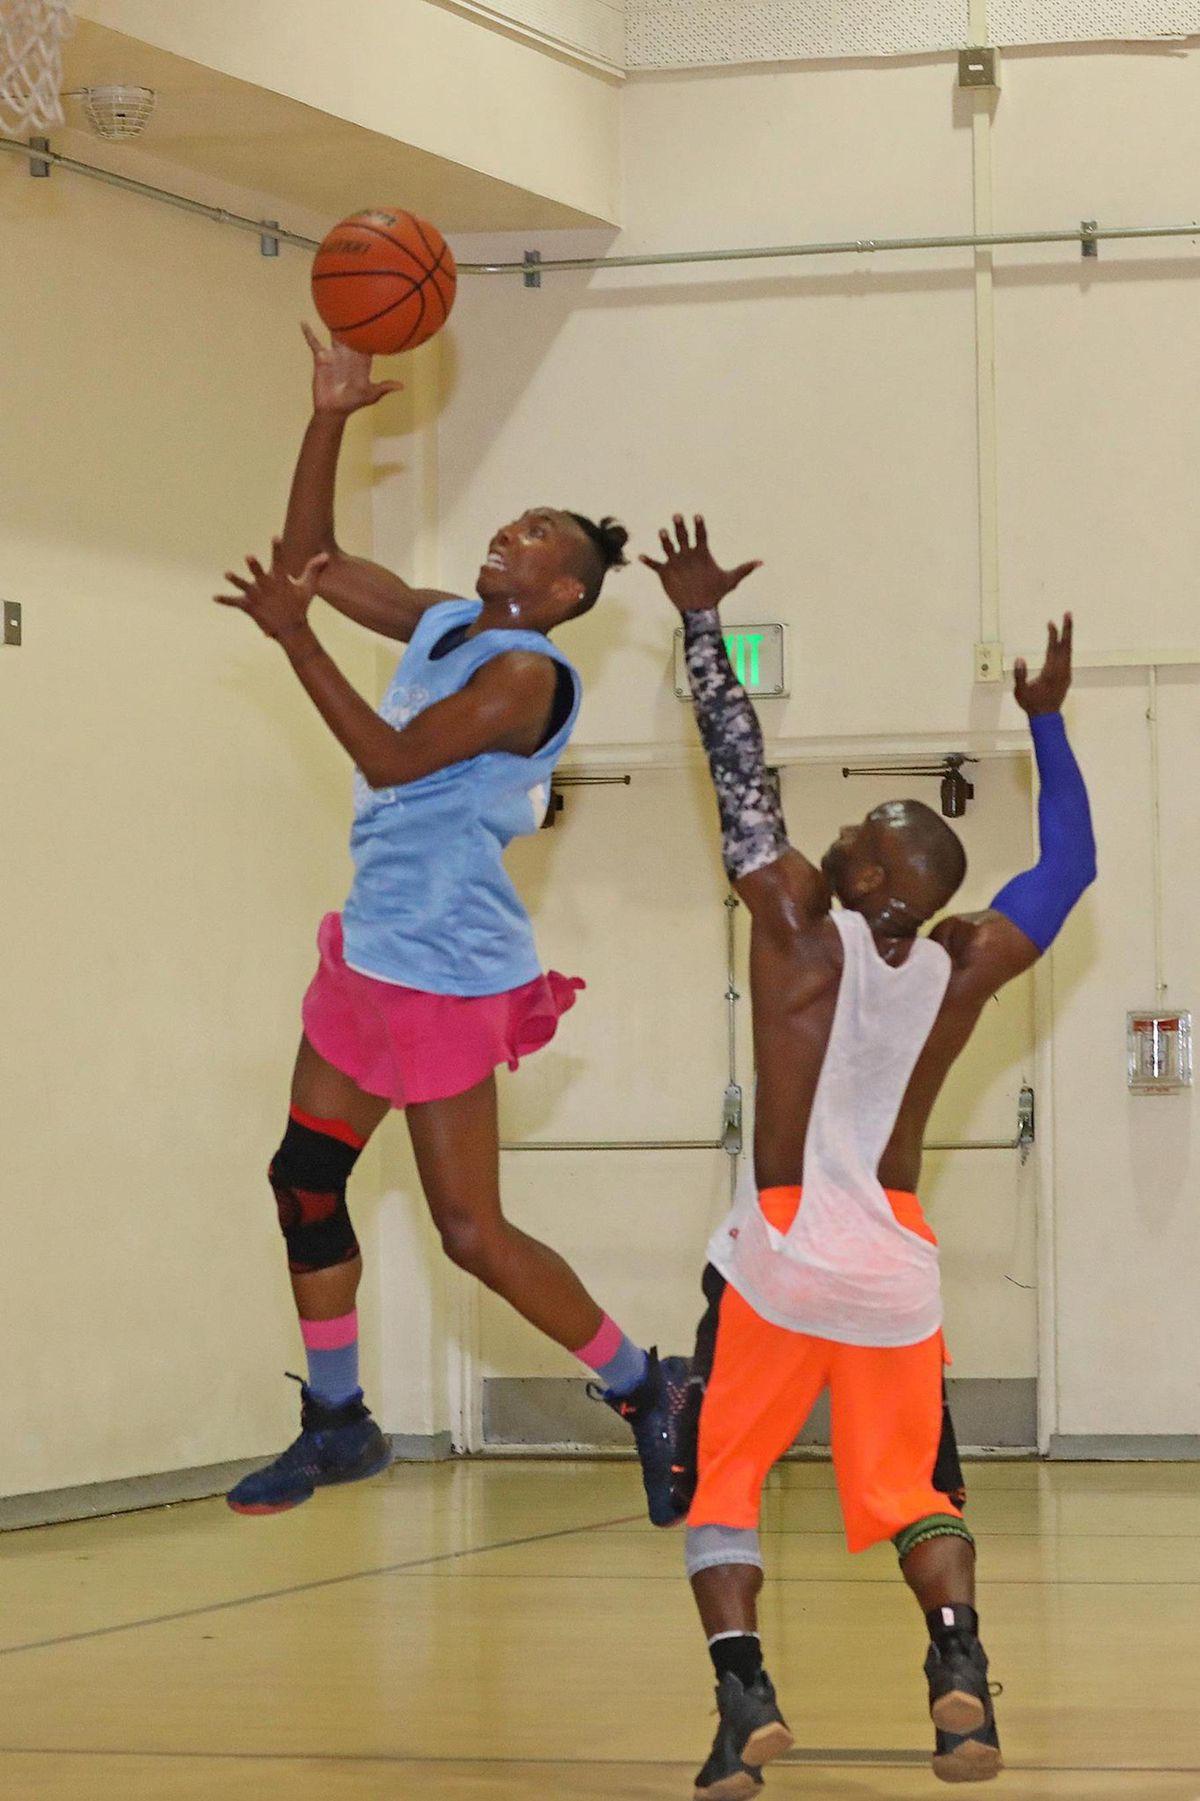 Navi Huskey plays basketball.